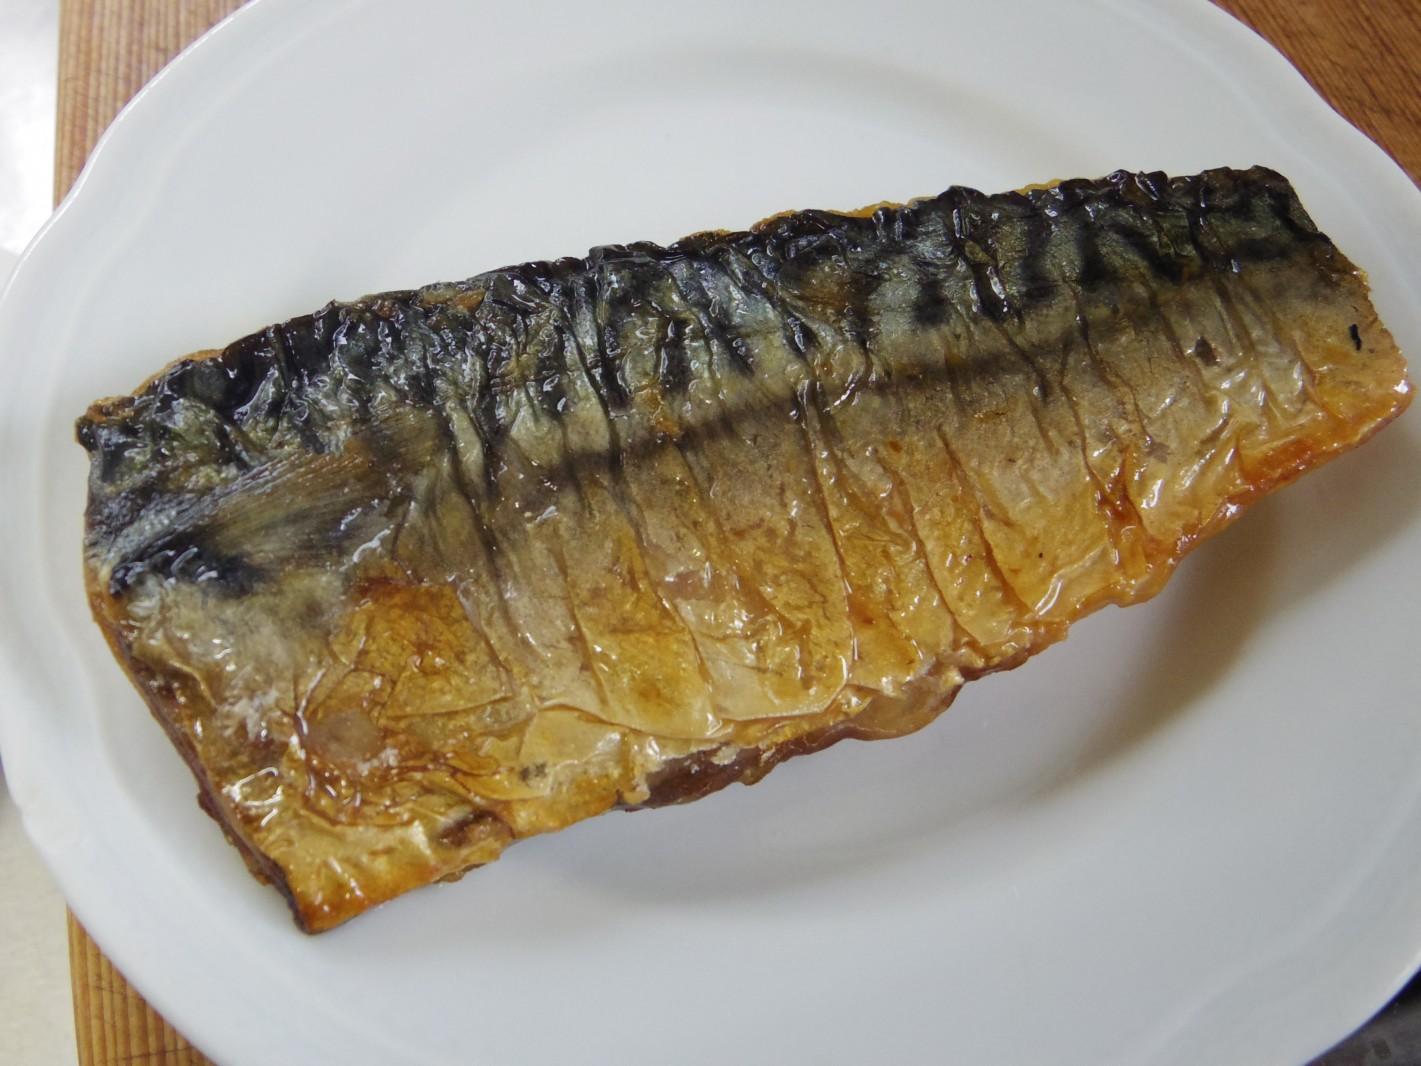 魚ばなれ、でも魚は好き、しかしめんどくさい、ならば冷凍食品。極洋の焼き魚パック刷新